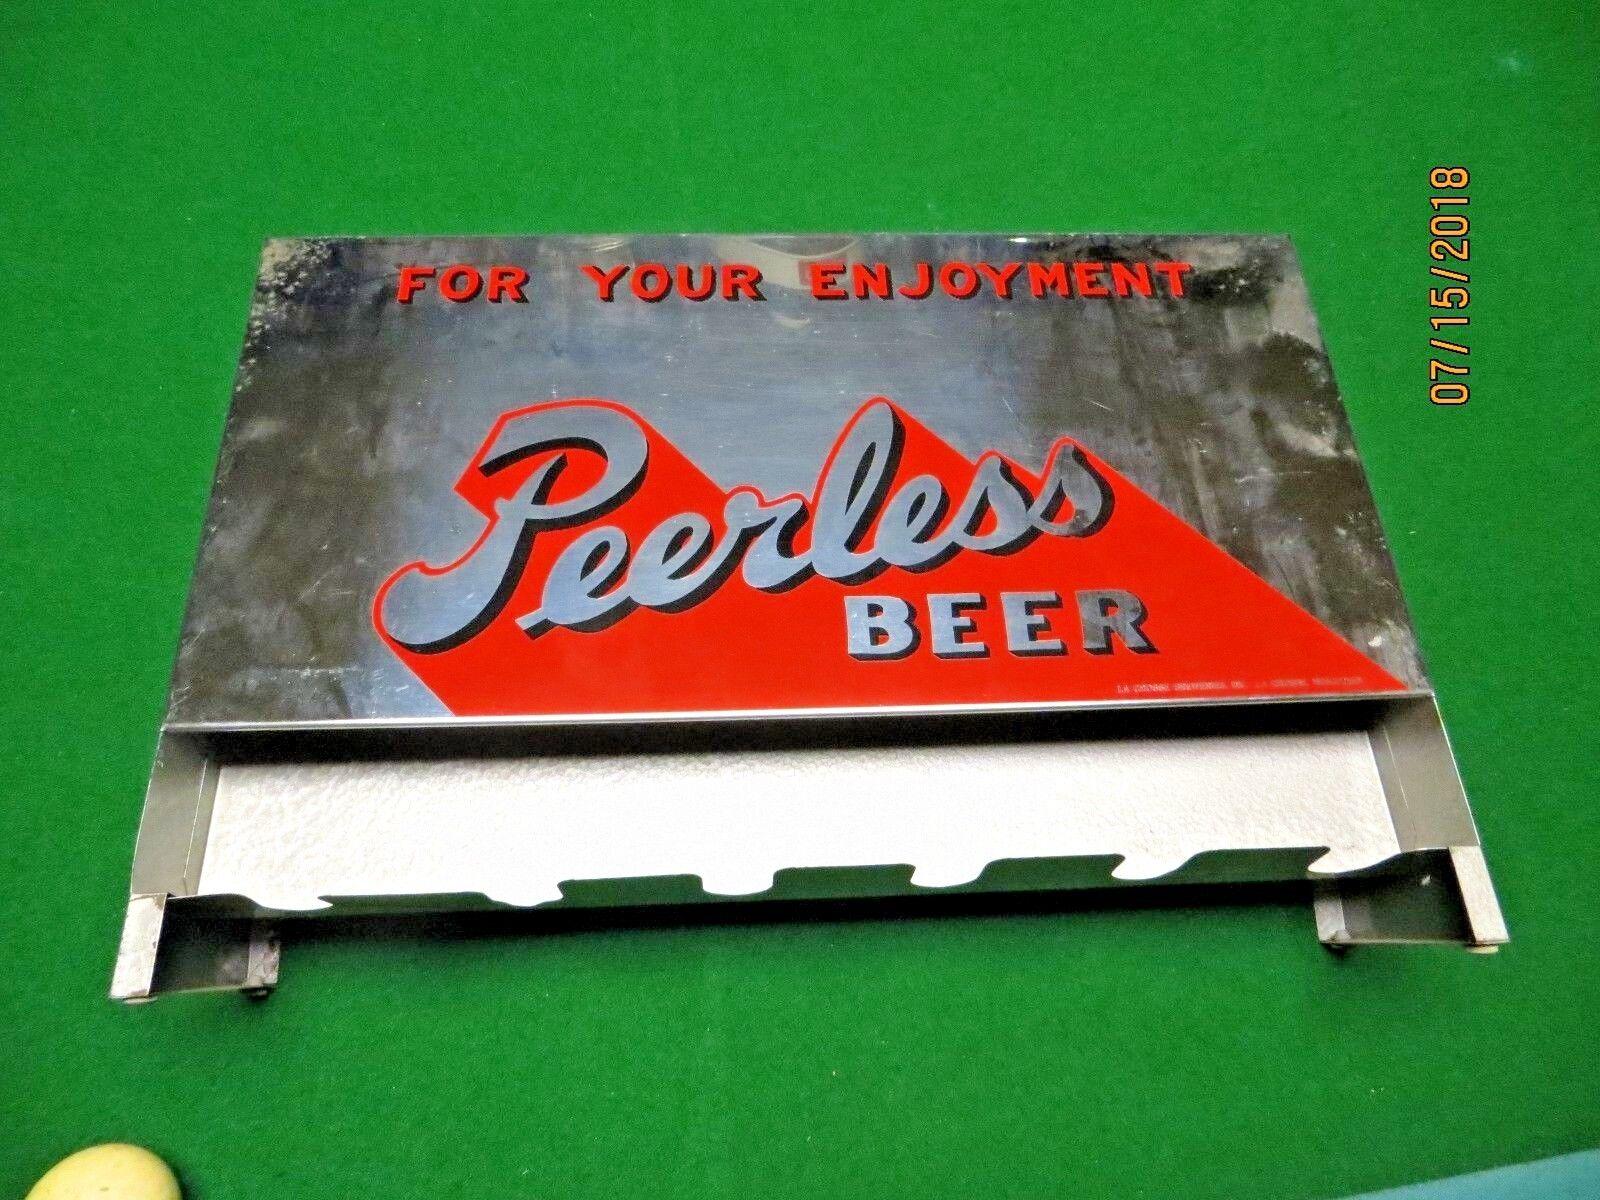 Para Tu Enjoyment Peerless Beer Swing Superior Abierto,